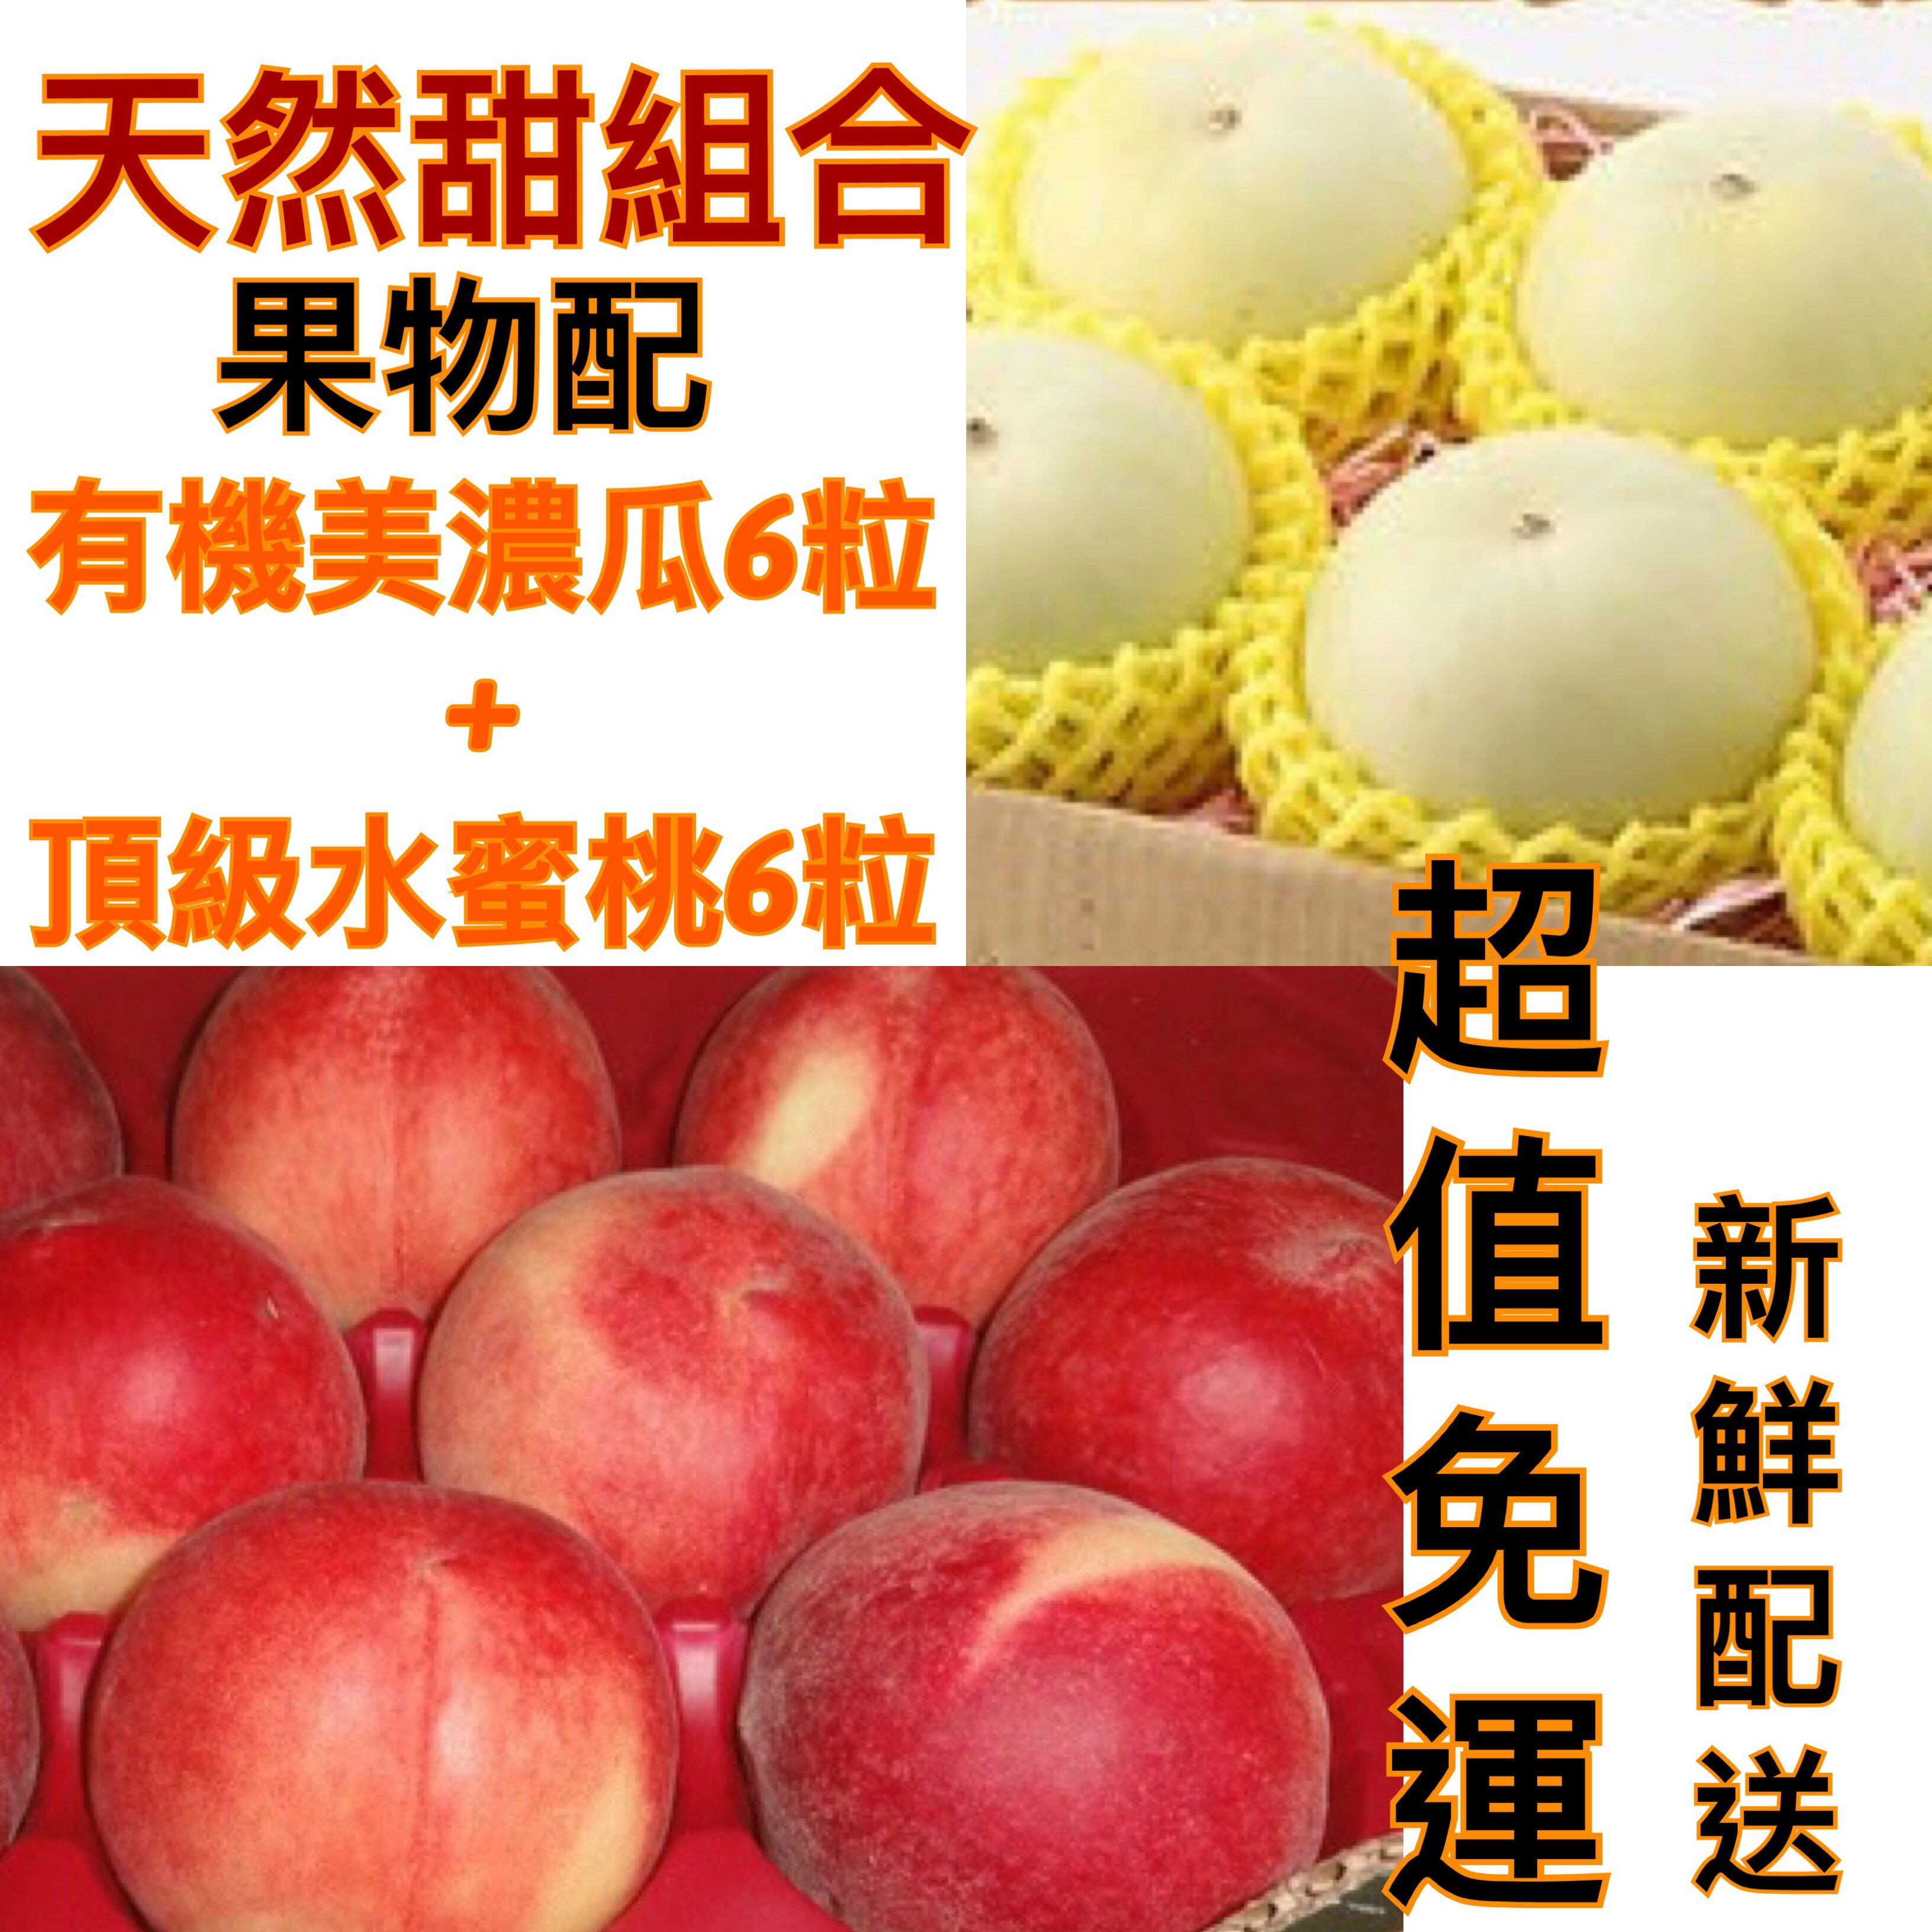 天然甜 〈溫室有機美濃瓜6粒  箱 水蜜桃6粒  箱〉低溫~皇家果物~